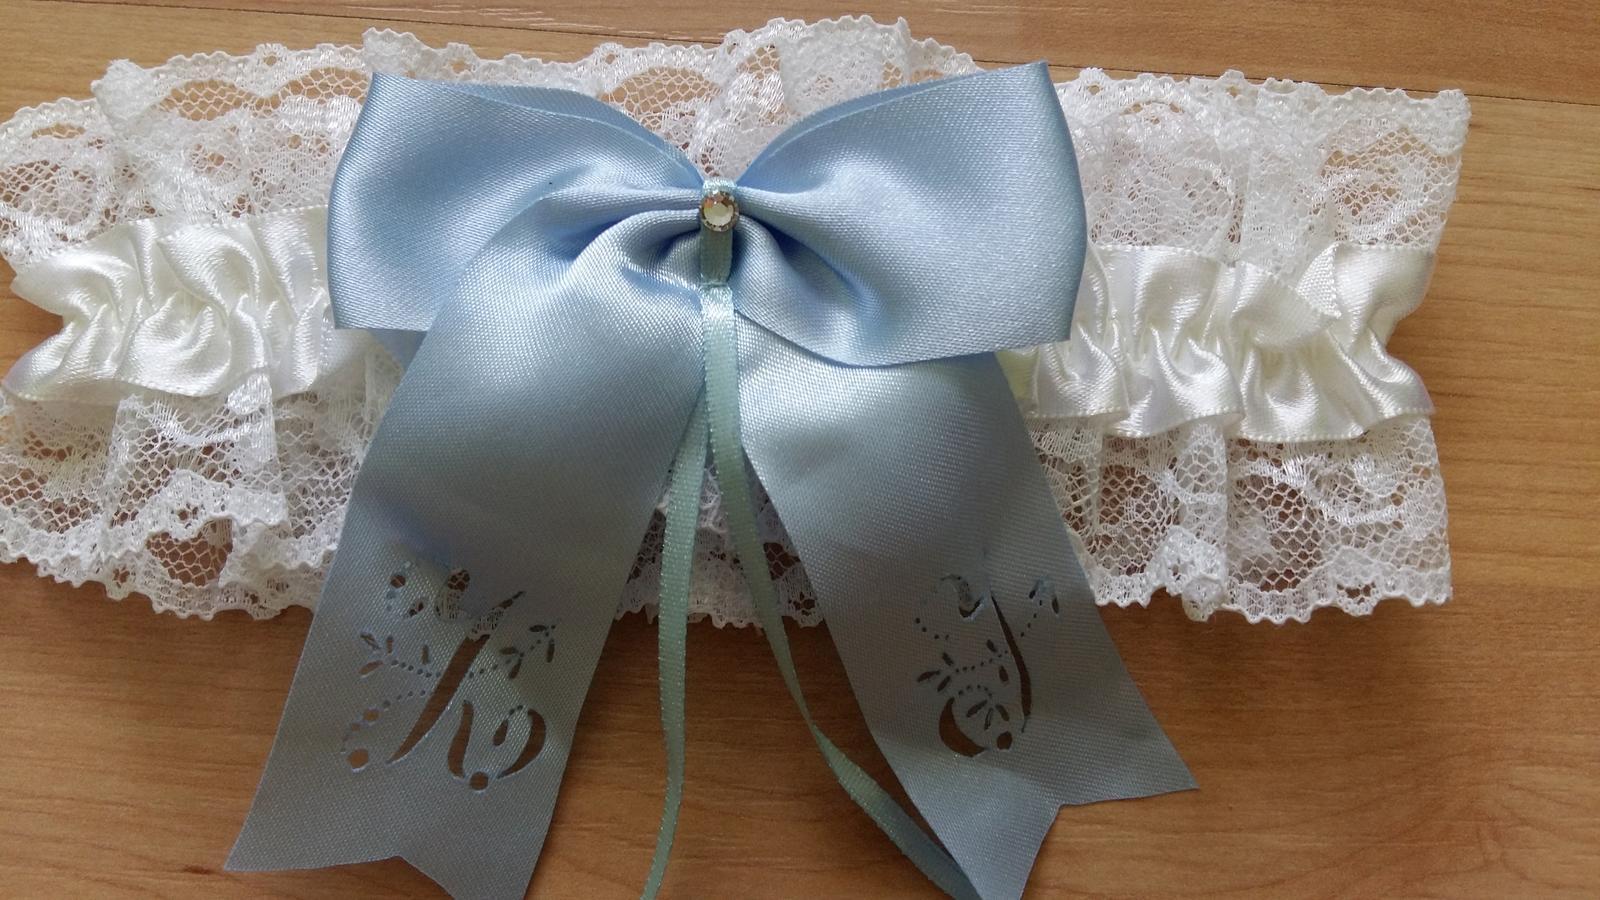 Personalizované Podväzky v akcii za 15 Eur - neprevzaté zákazníkom - Personalizovaný podväzok s iniciálami Z a J, mašlička bledučko modrá, pásik biely a čipka biela